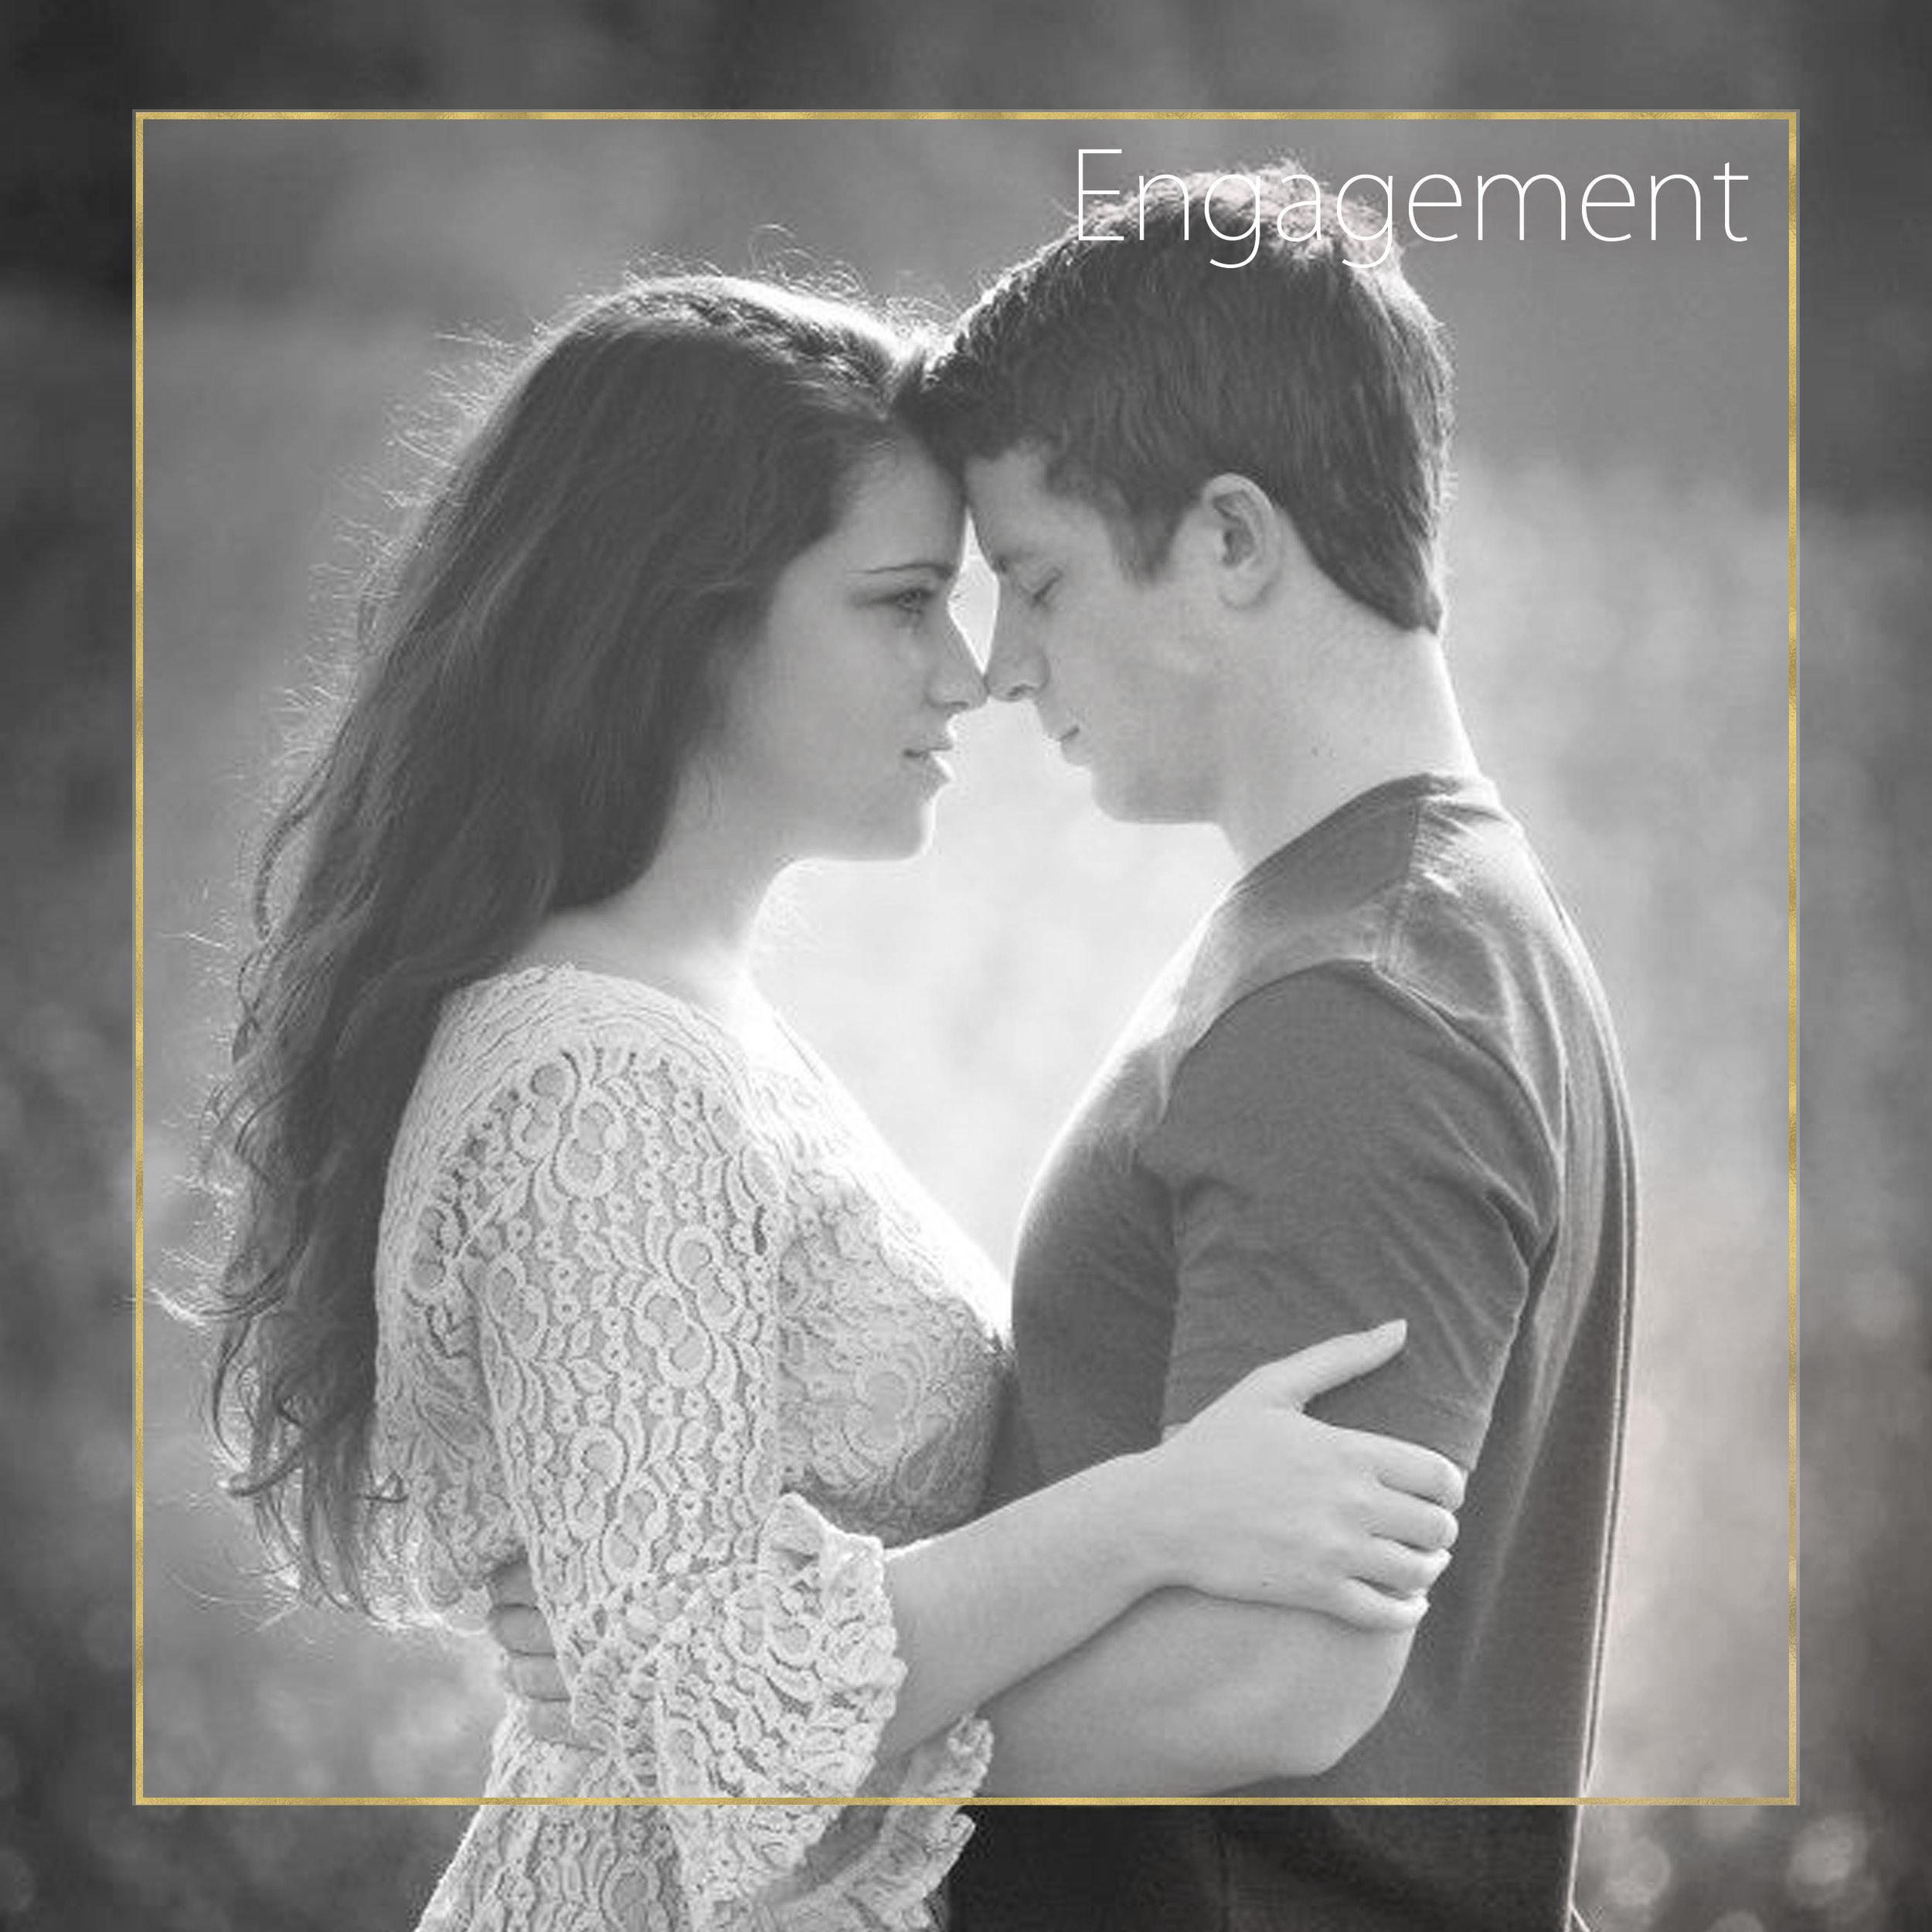 engagement album cover.jpg